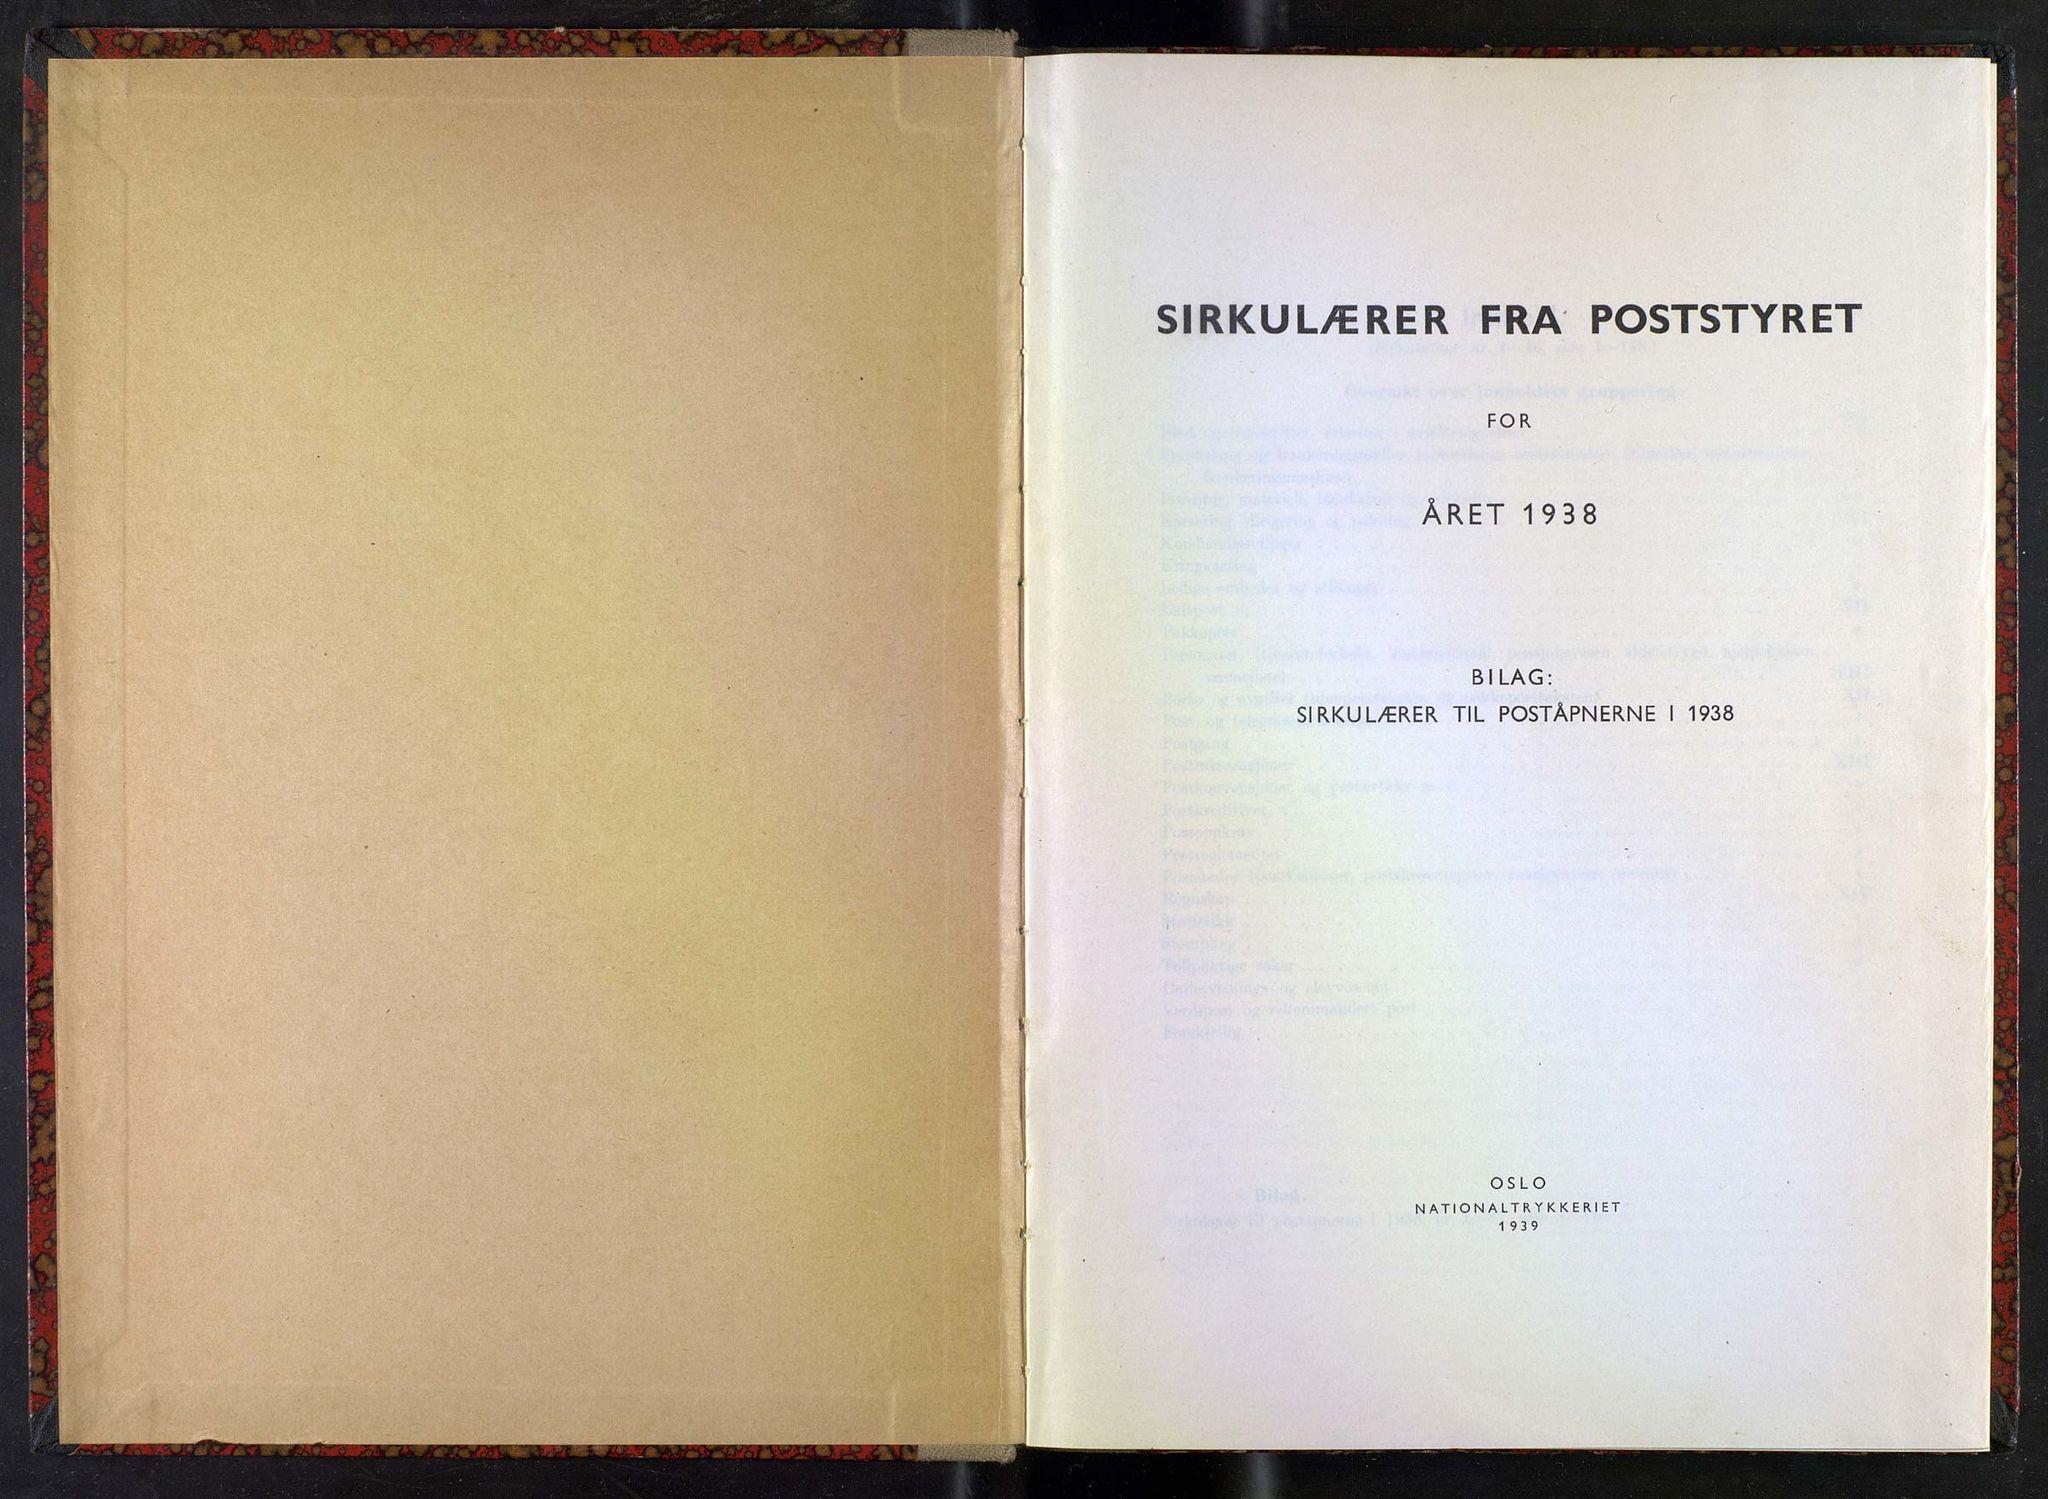 NOPO, Norges Postmuseums bibliotek, -/-: Sirkulærer fra Poststyret, 1938